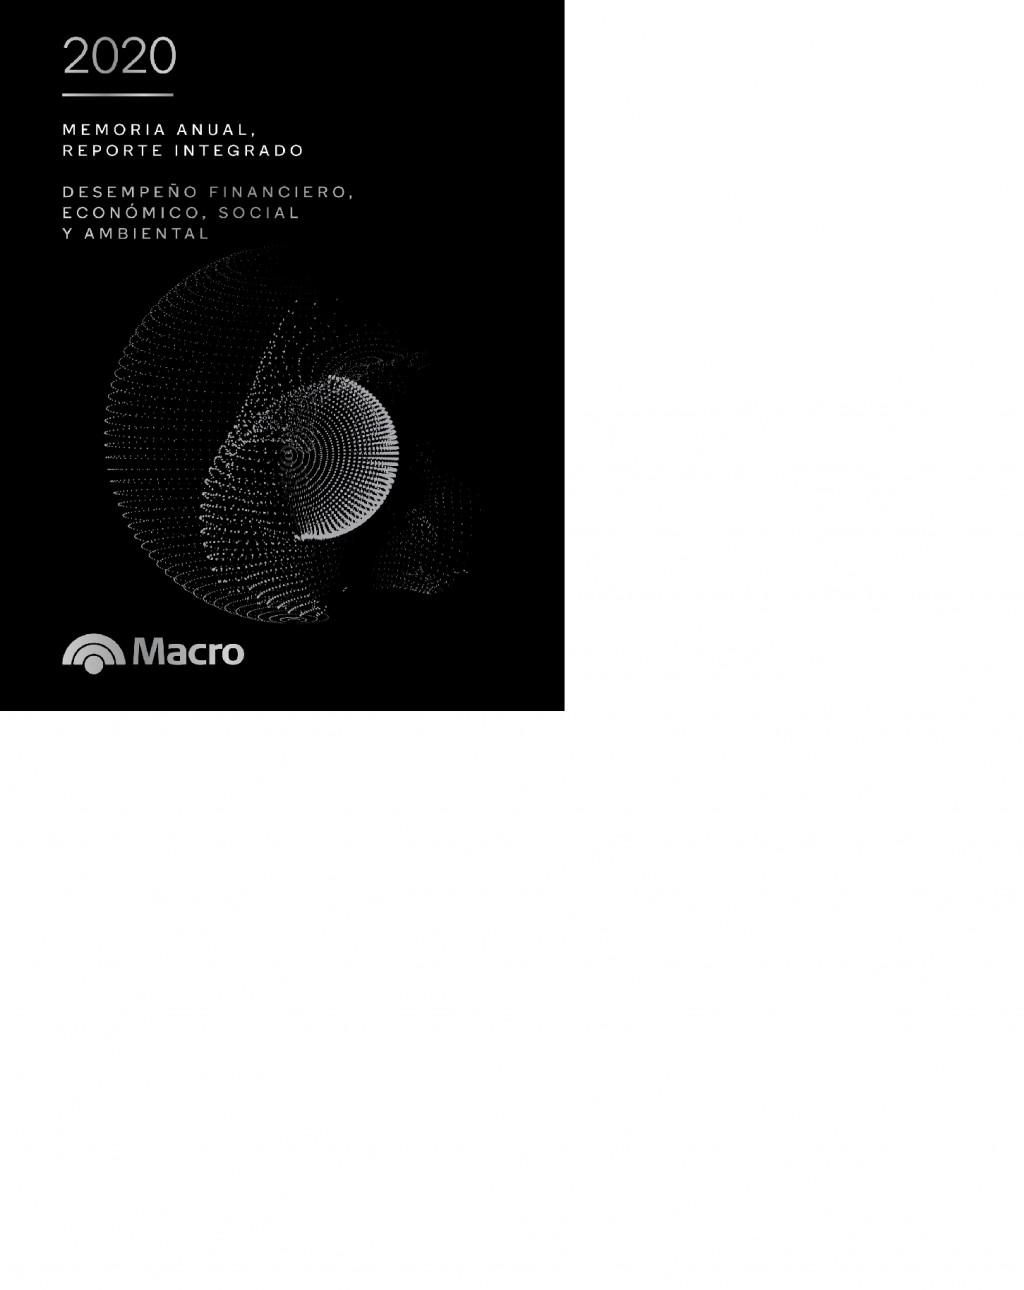 Banco Macro presenta su Memoria Anual y Reporte Integrado 2020